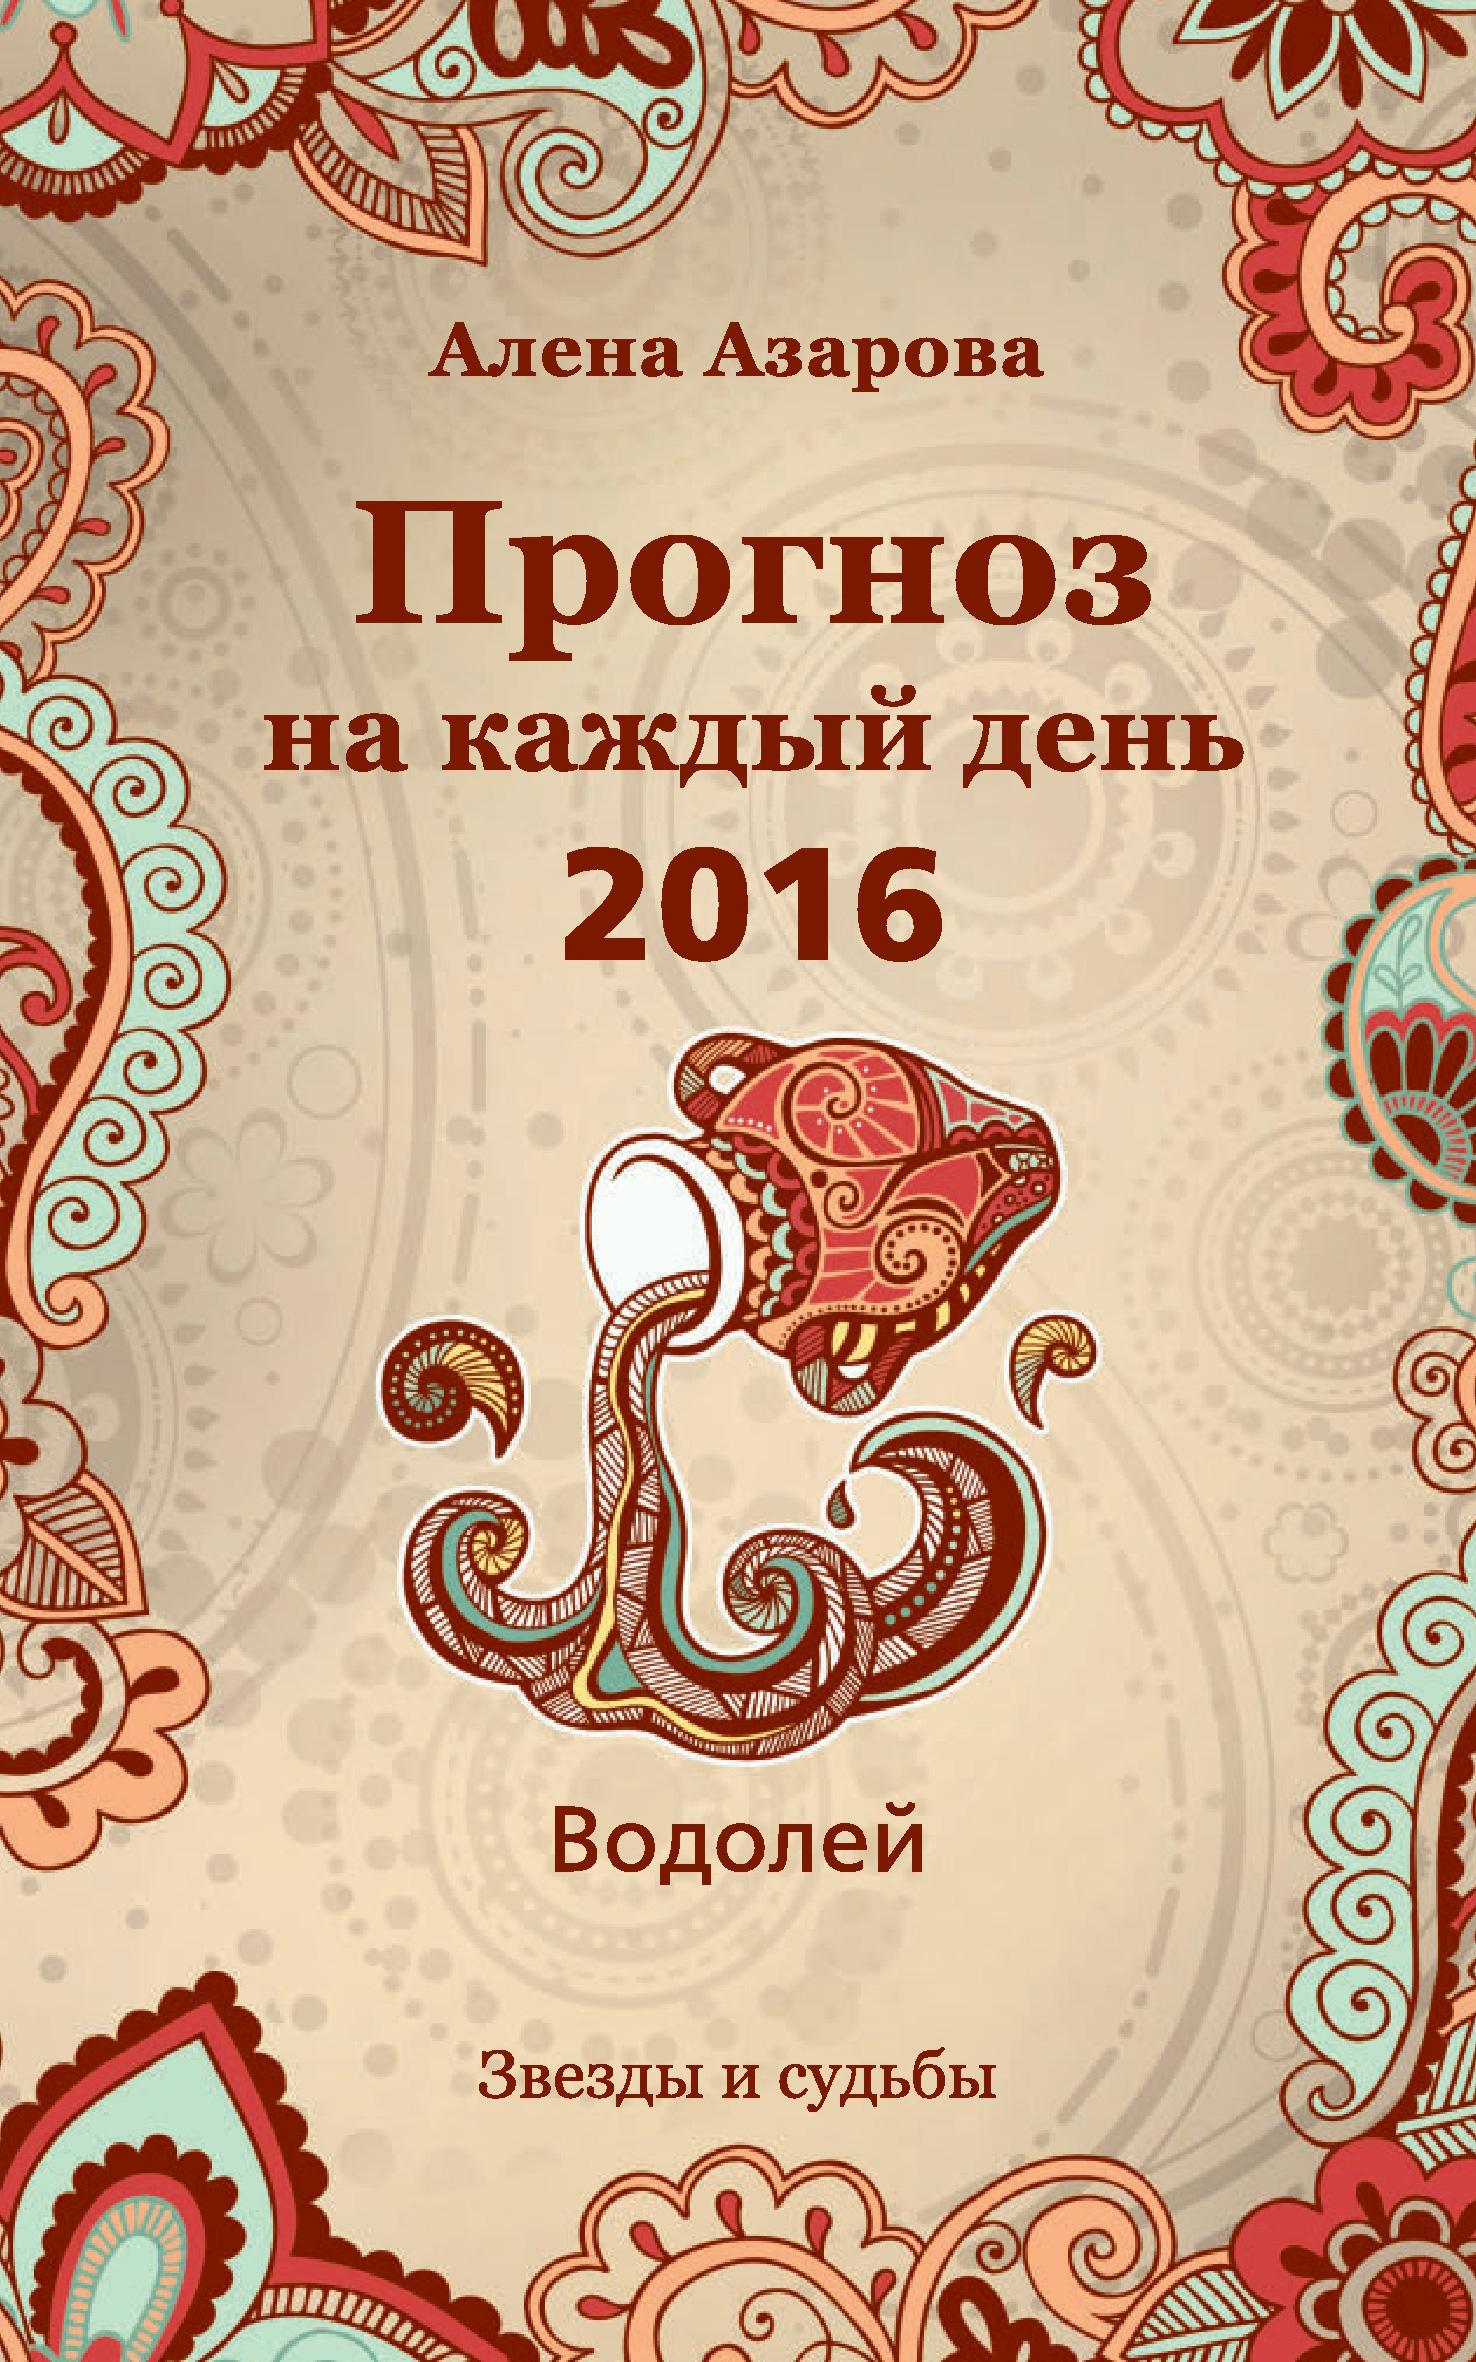 Алена Азарова Прогноз на каждый день. 2016 год. Водолей алена азарова прогноз на каждый день 2016 год скорпион